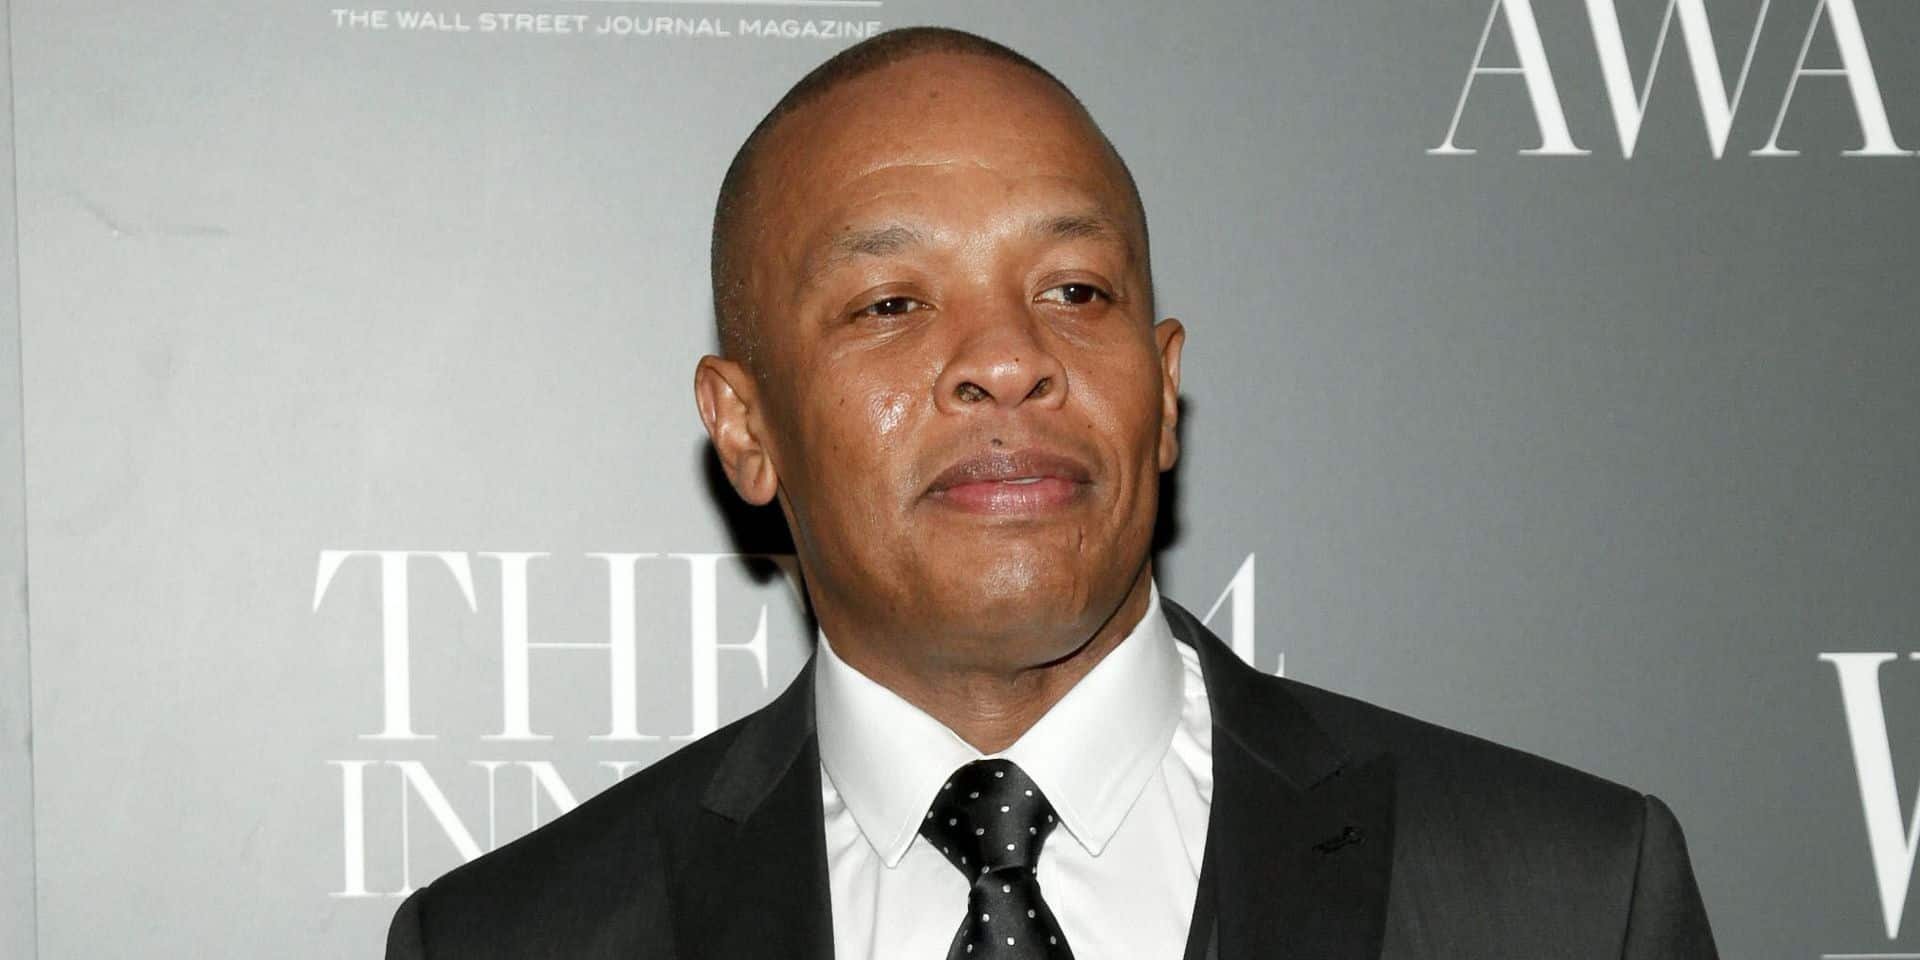 """L'album culte """"The Chronic"""" de Dr. Dre enfin disponible sur les plateformes de streaming"""